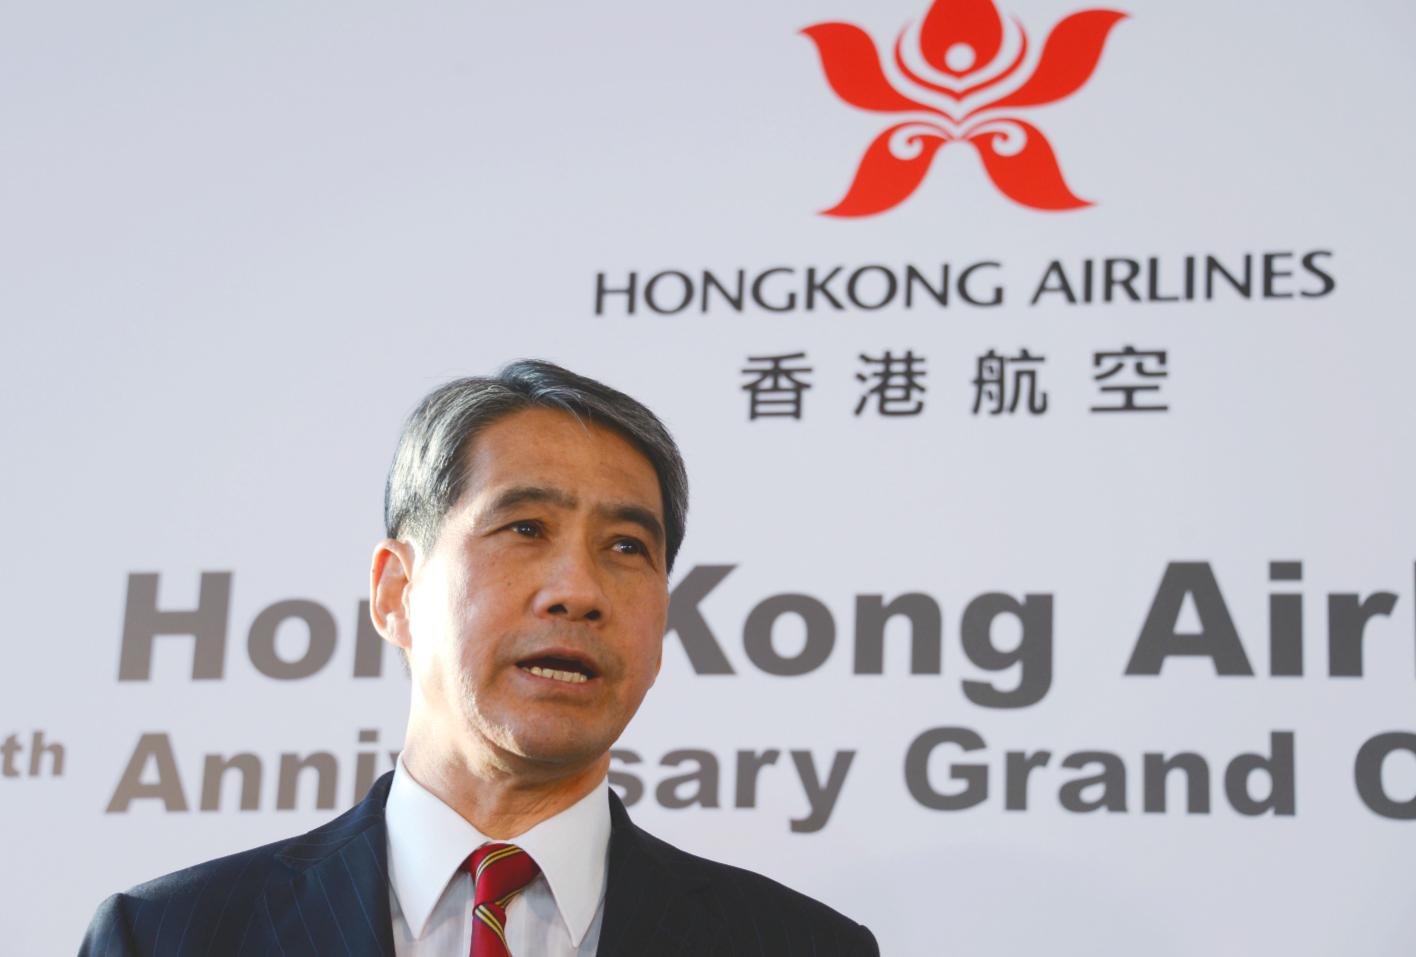 鄧竟成辭任香港航空副主席。資料圖片